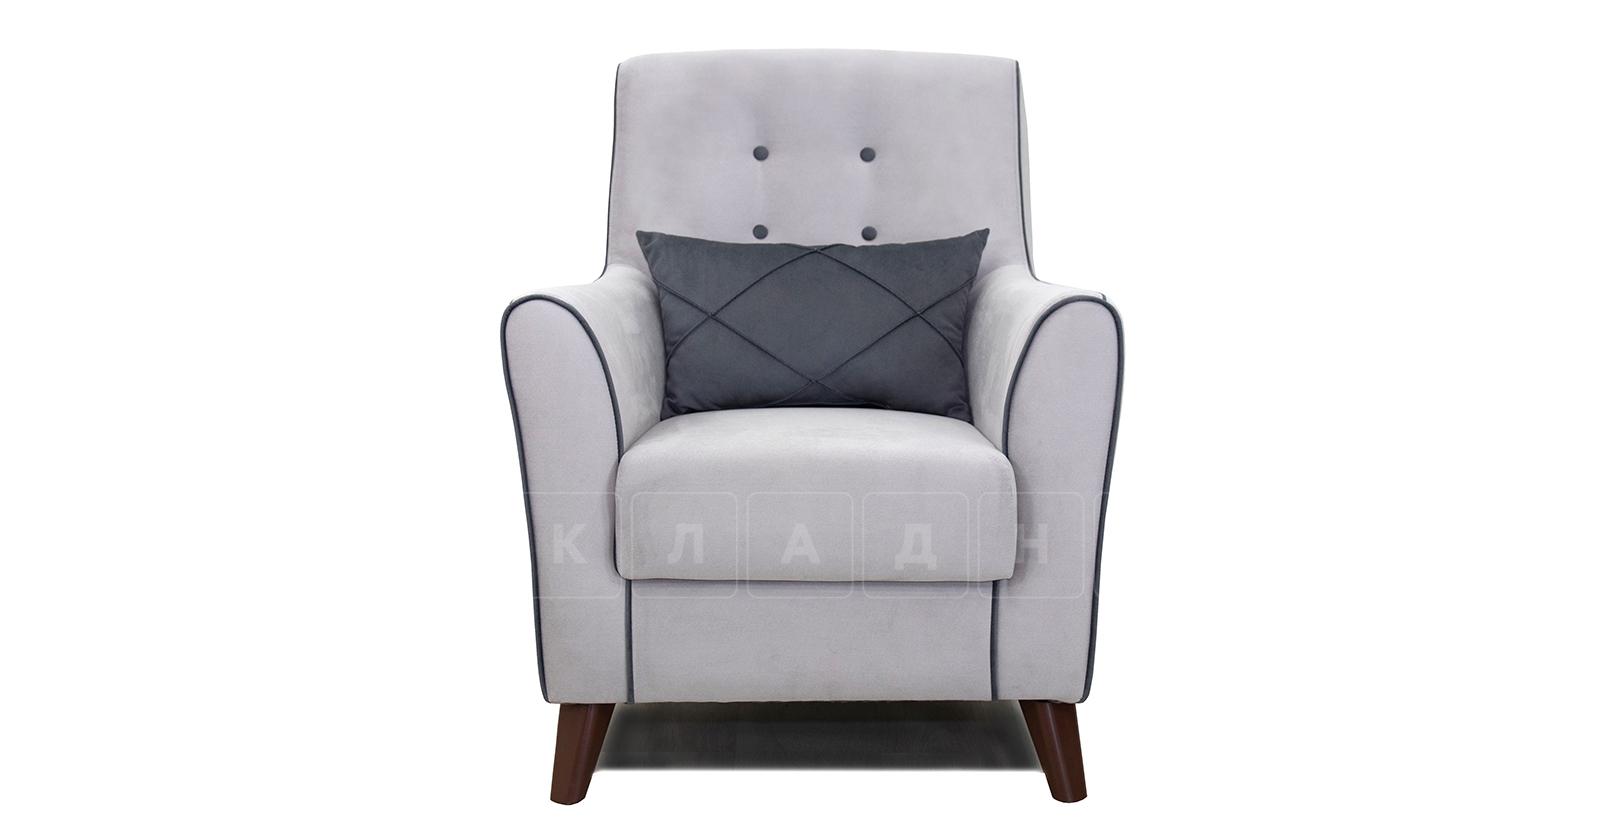 Кресло для отдыха Флэтфорд светло-серый фото 2   интернет-магазин Складно